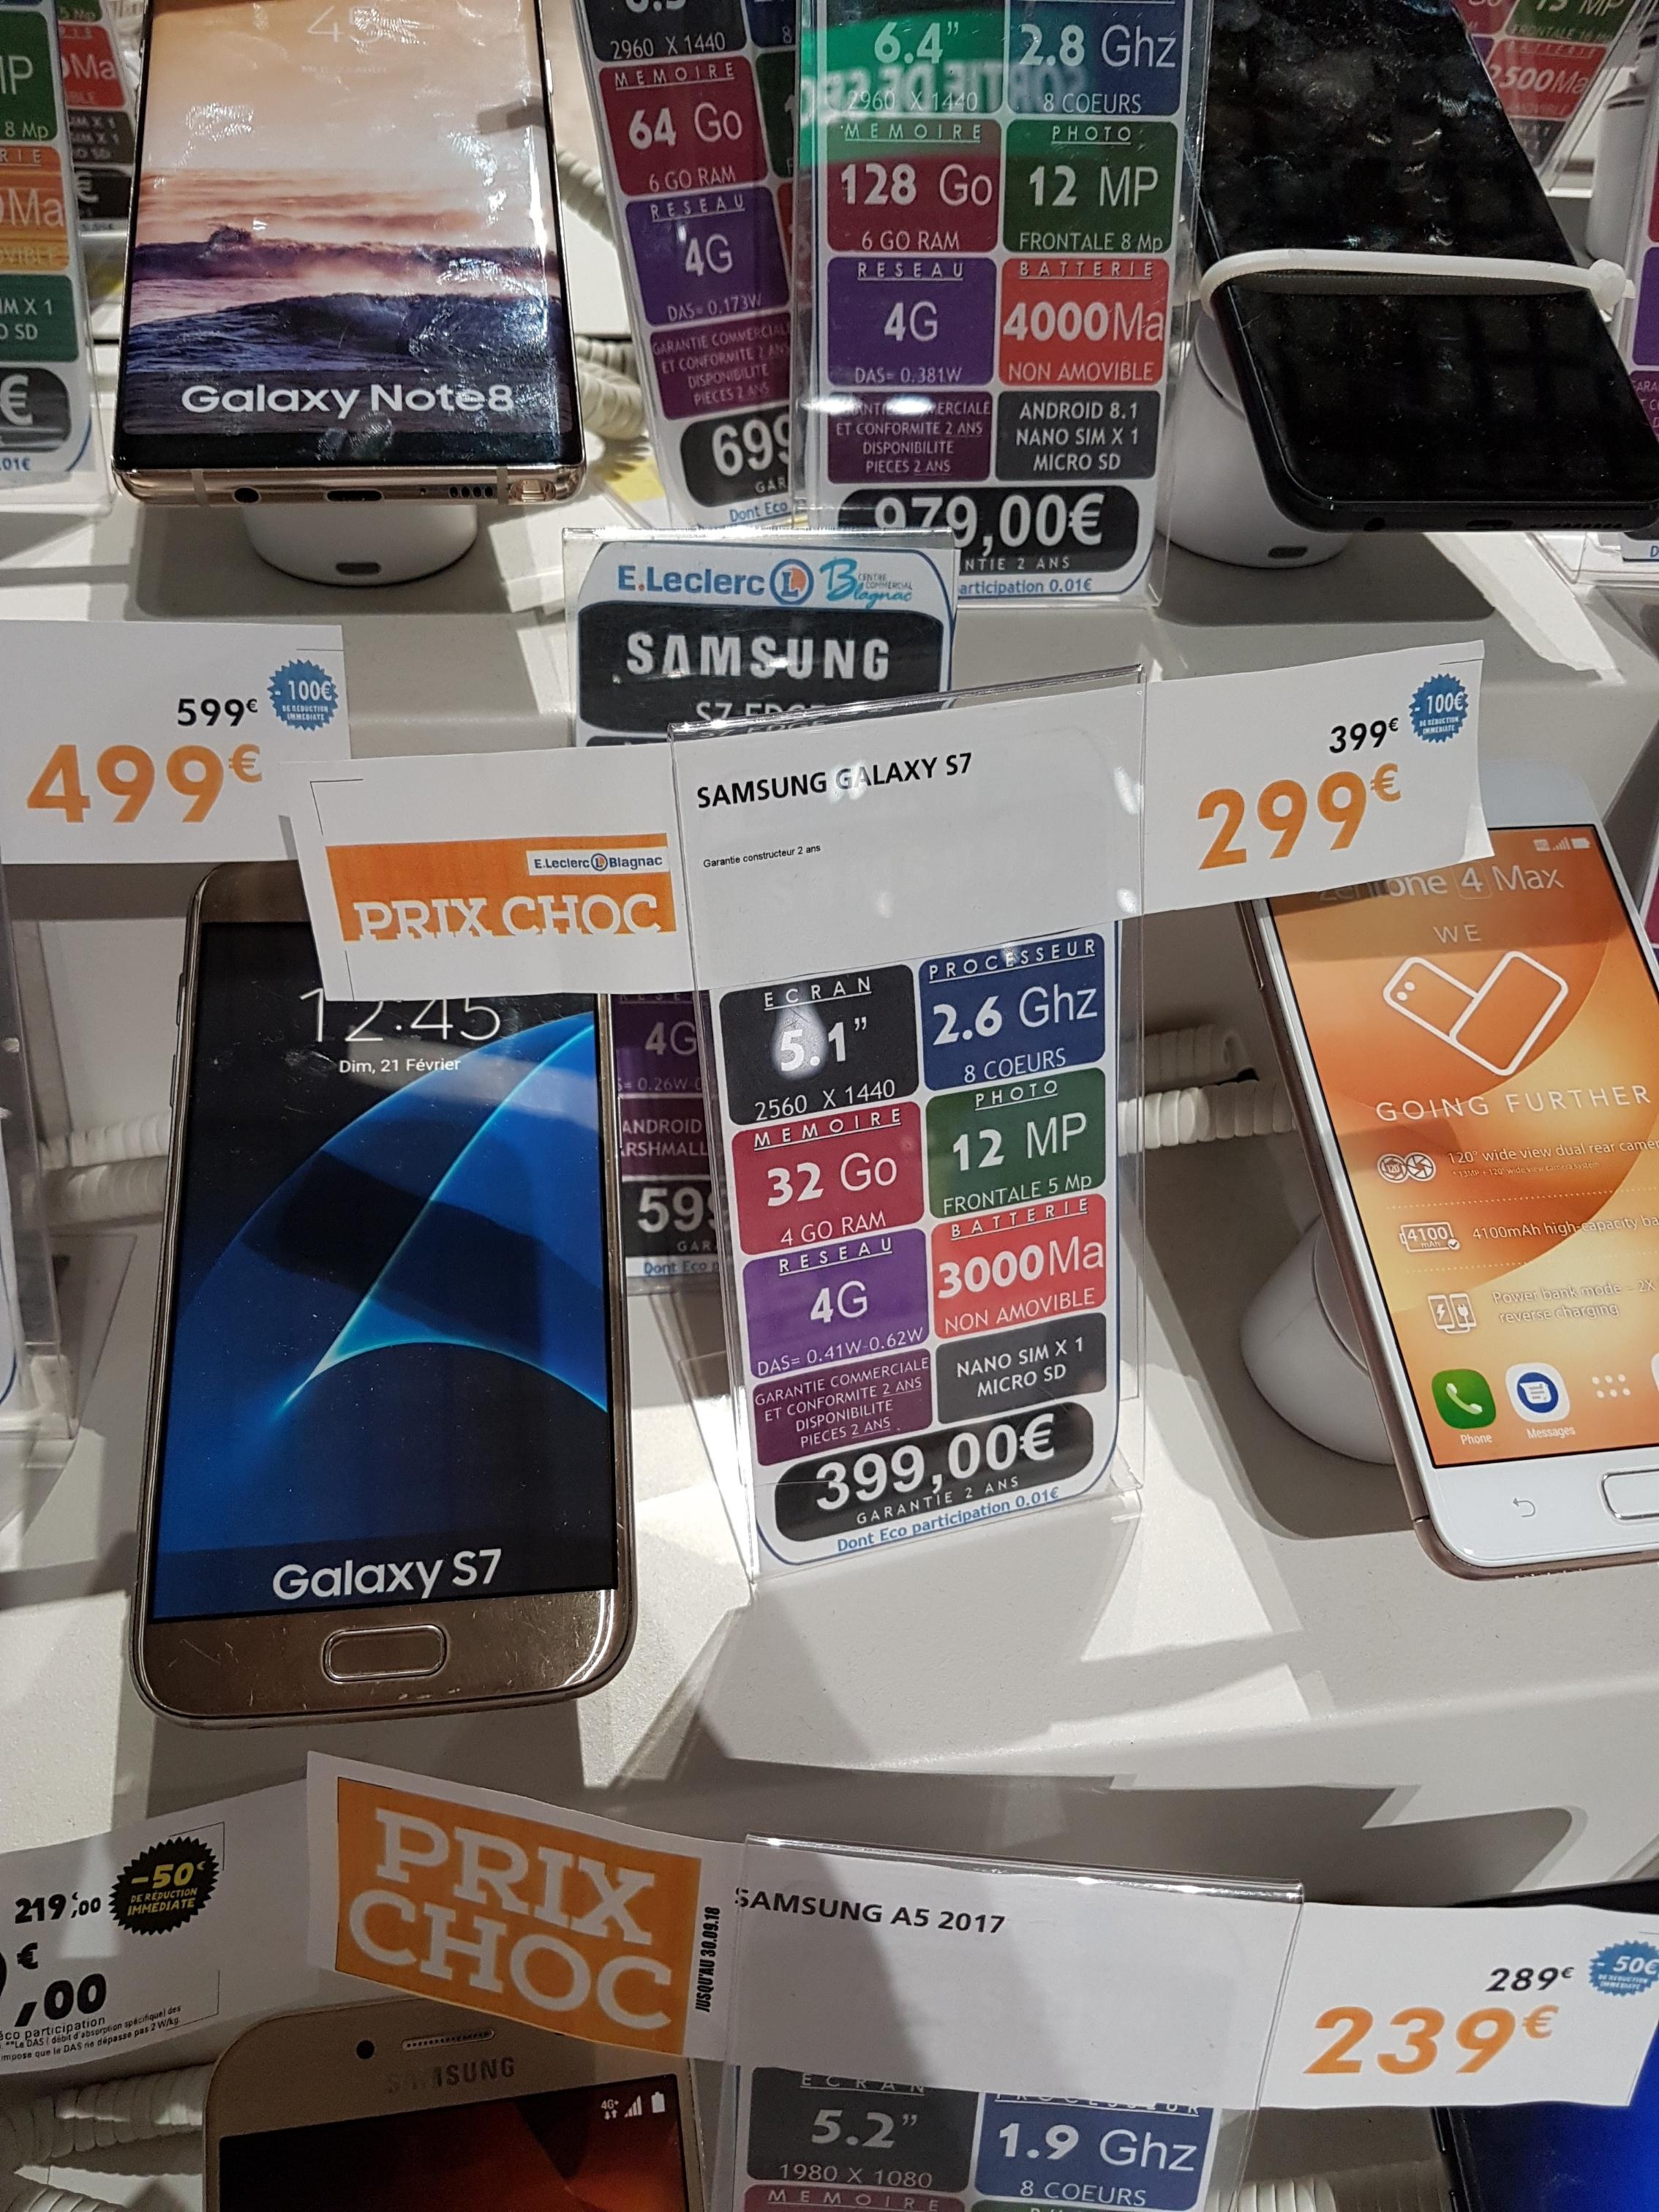 smartphone 5 1 samsung galaxy s7 32go via odr de 70 de bon d 39 achat blagnac 31. Black Bedroom Furniture Sets. Home Design Ideas